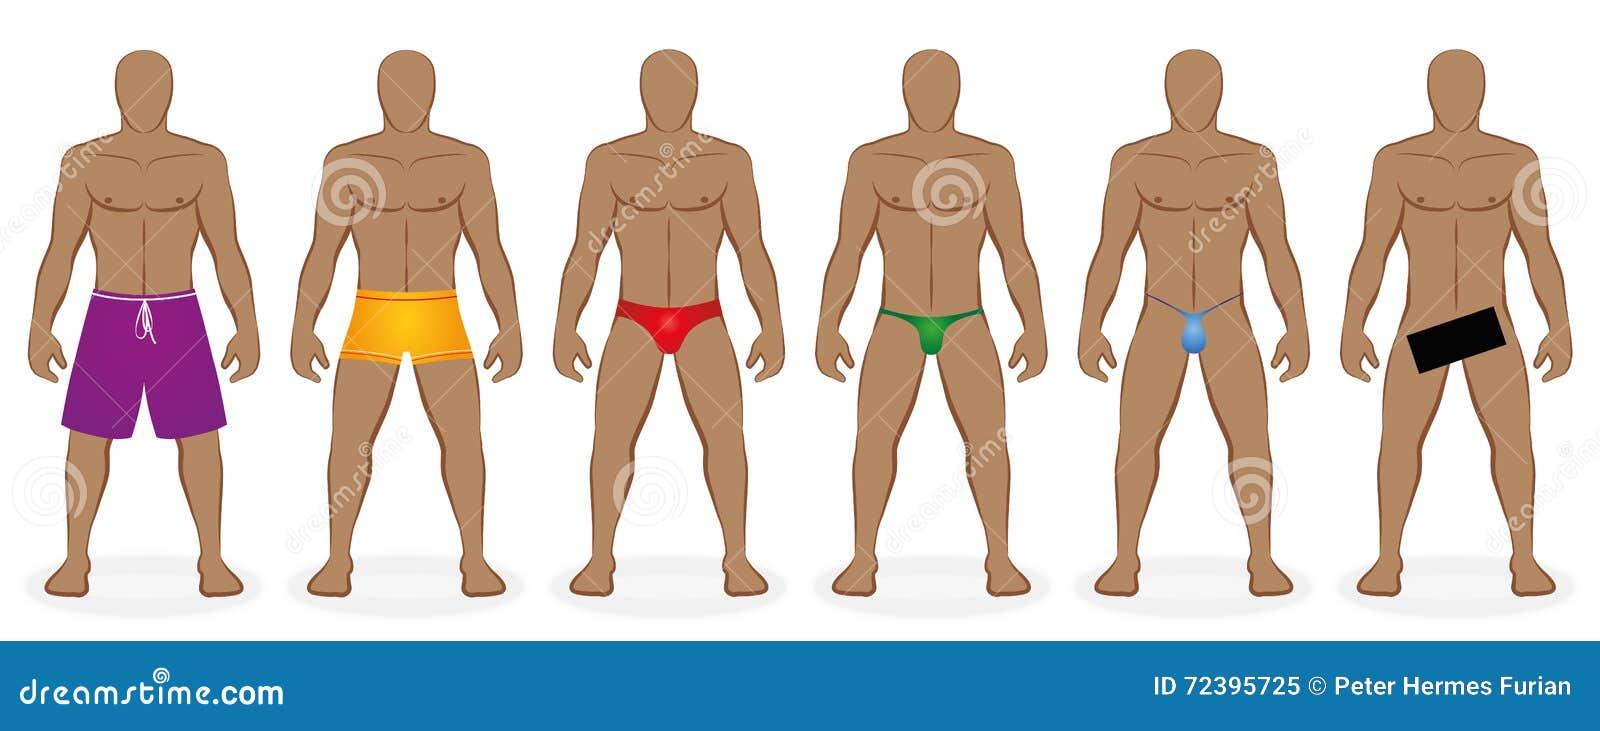 沐浴着装条例人的游泳衣赤裸